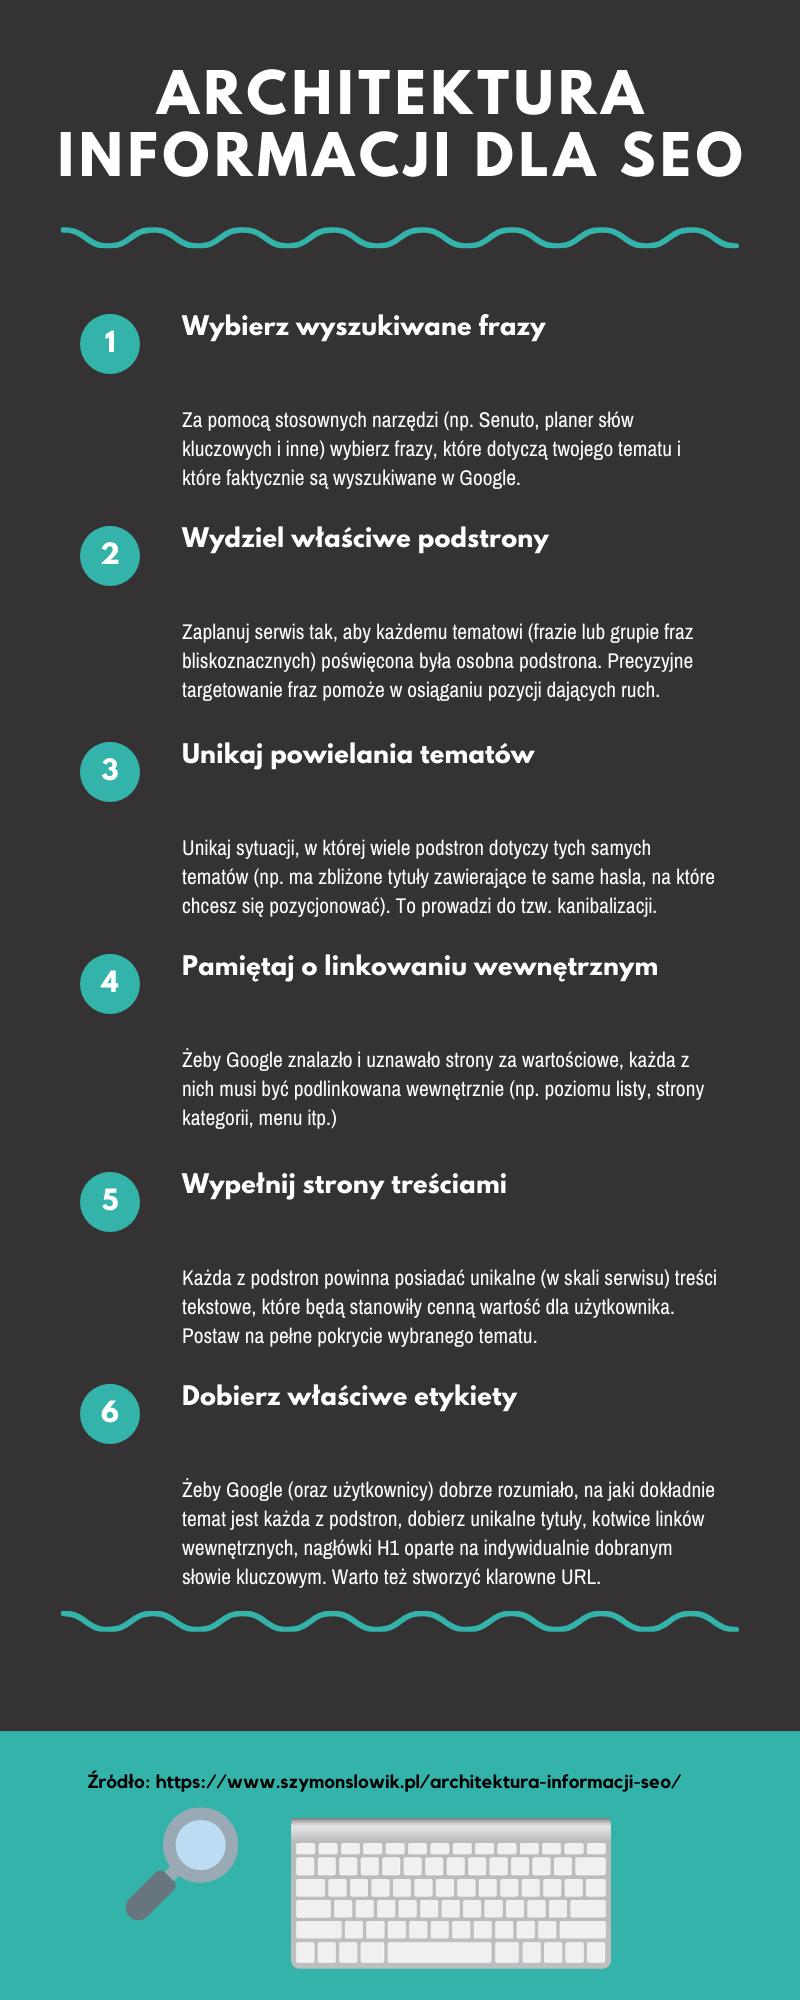 Jak tworzyć architekturę informacji - infografika